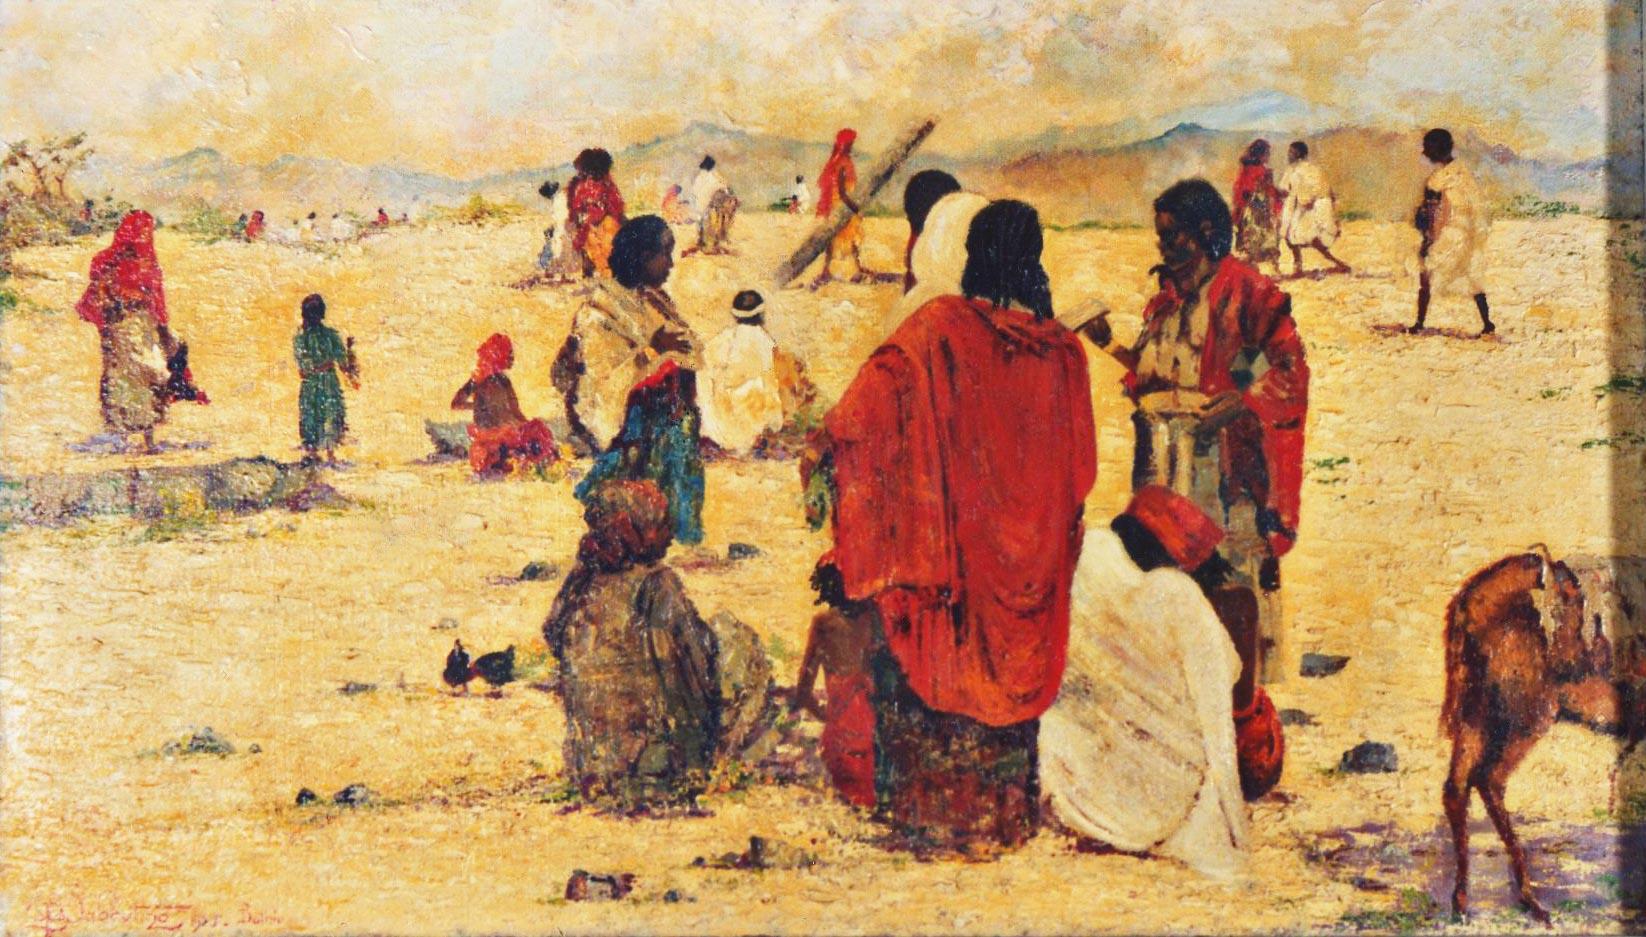 quadri africani mercato bati etiopia africa faesite Sabbatino